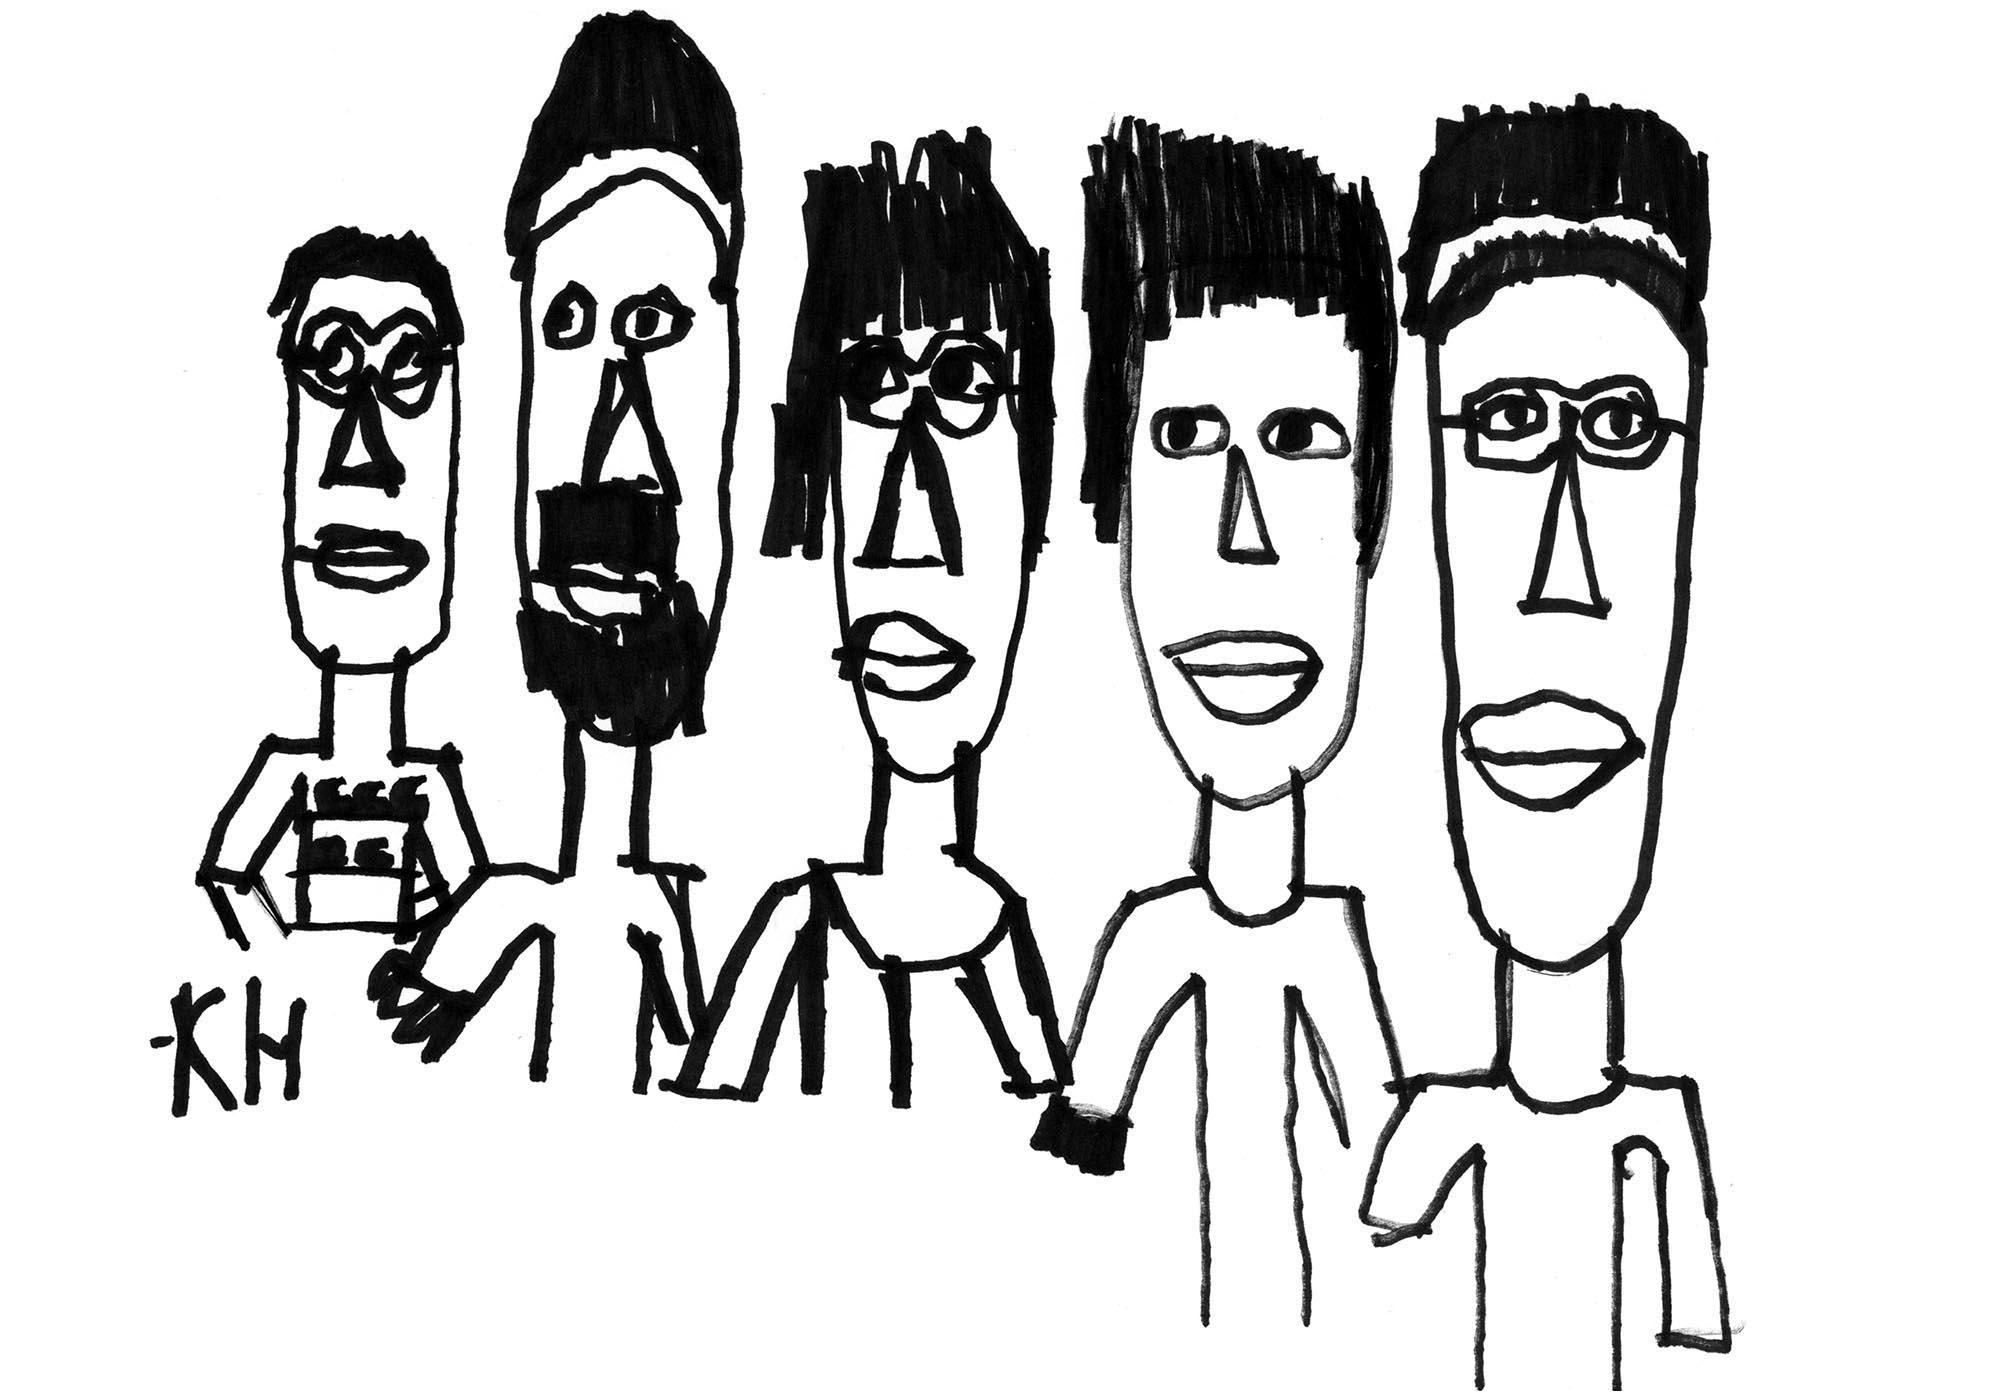 Rento ja naivistinen paksulla mustalla tussilla piirretty muotokuva, jossa Roson työntekijät seisovat rivissä.